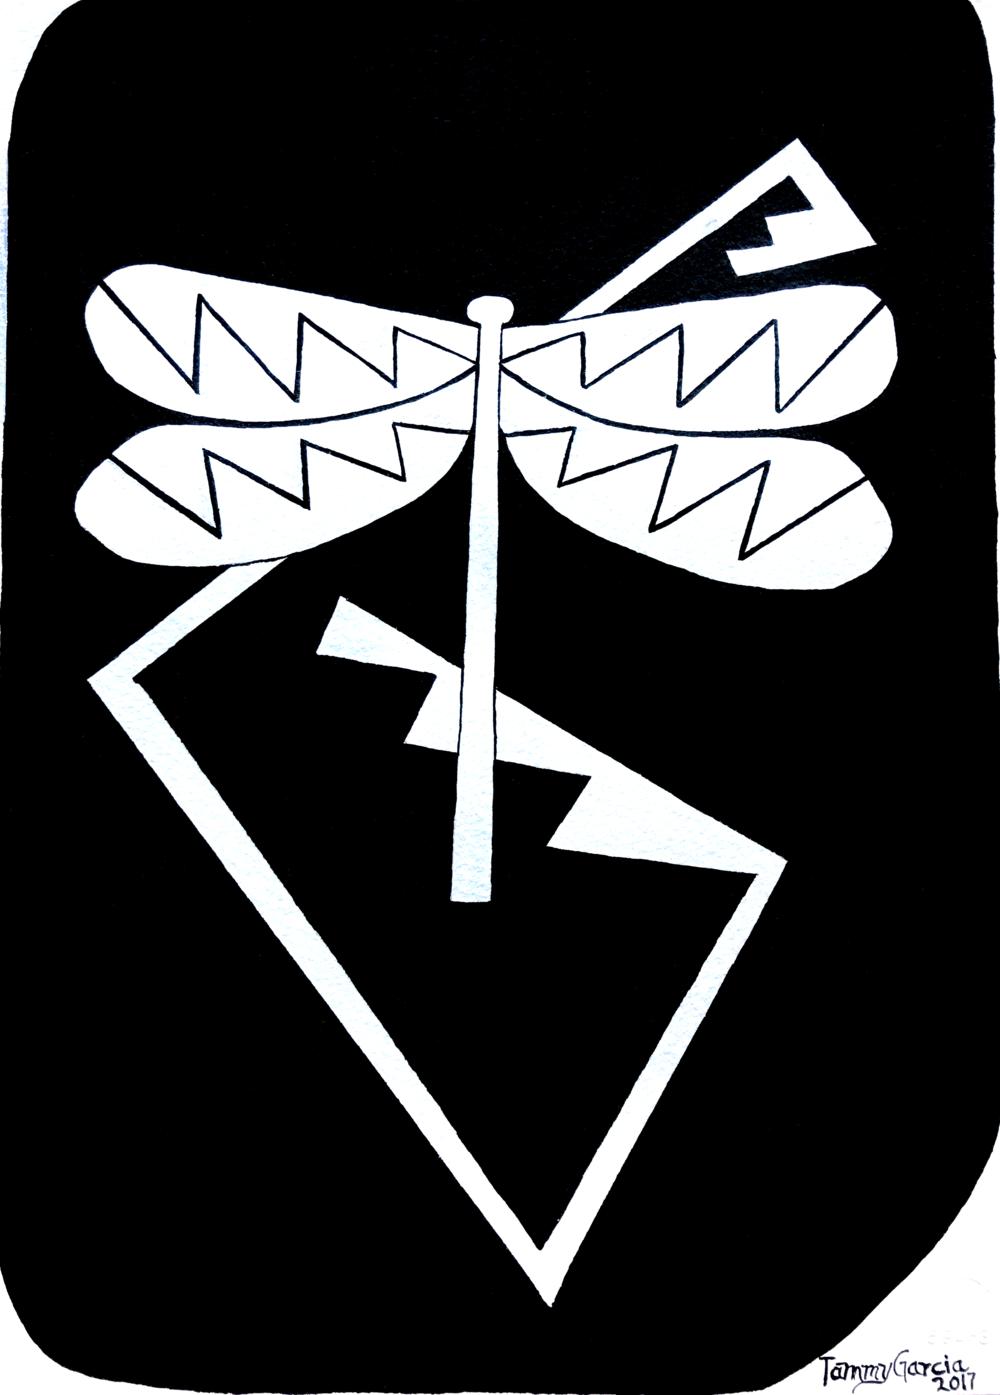 White Dragonfly Design